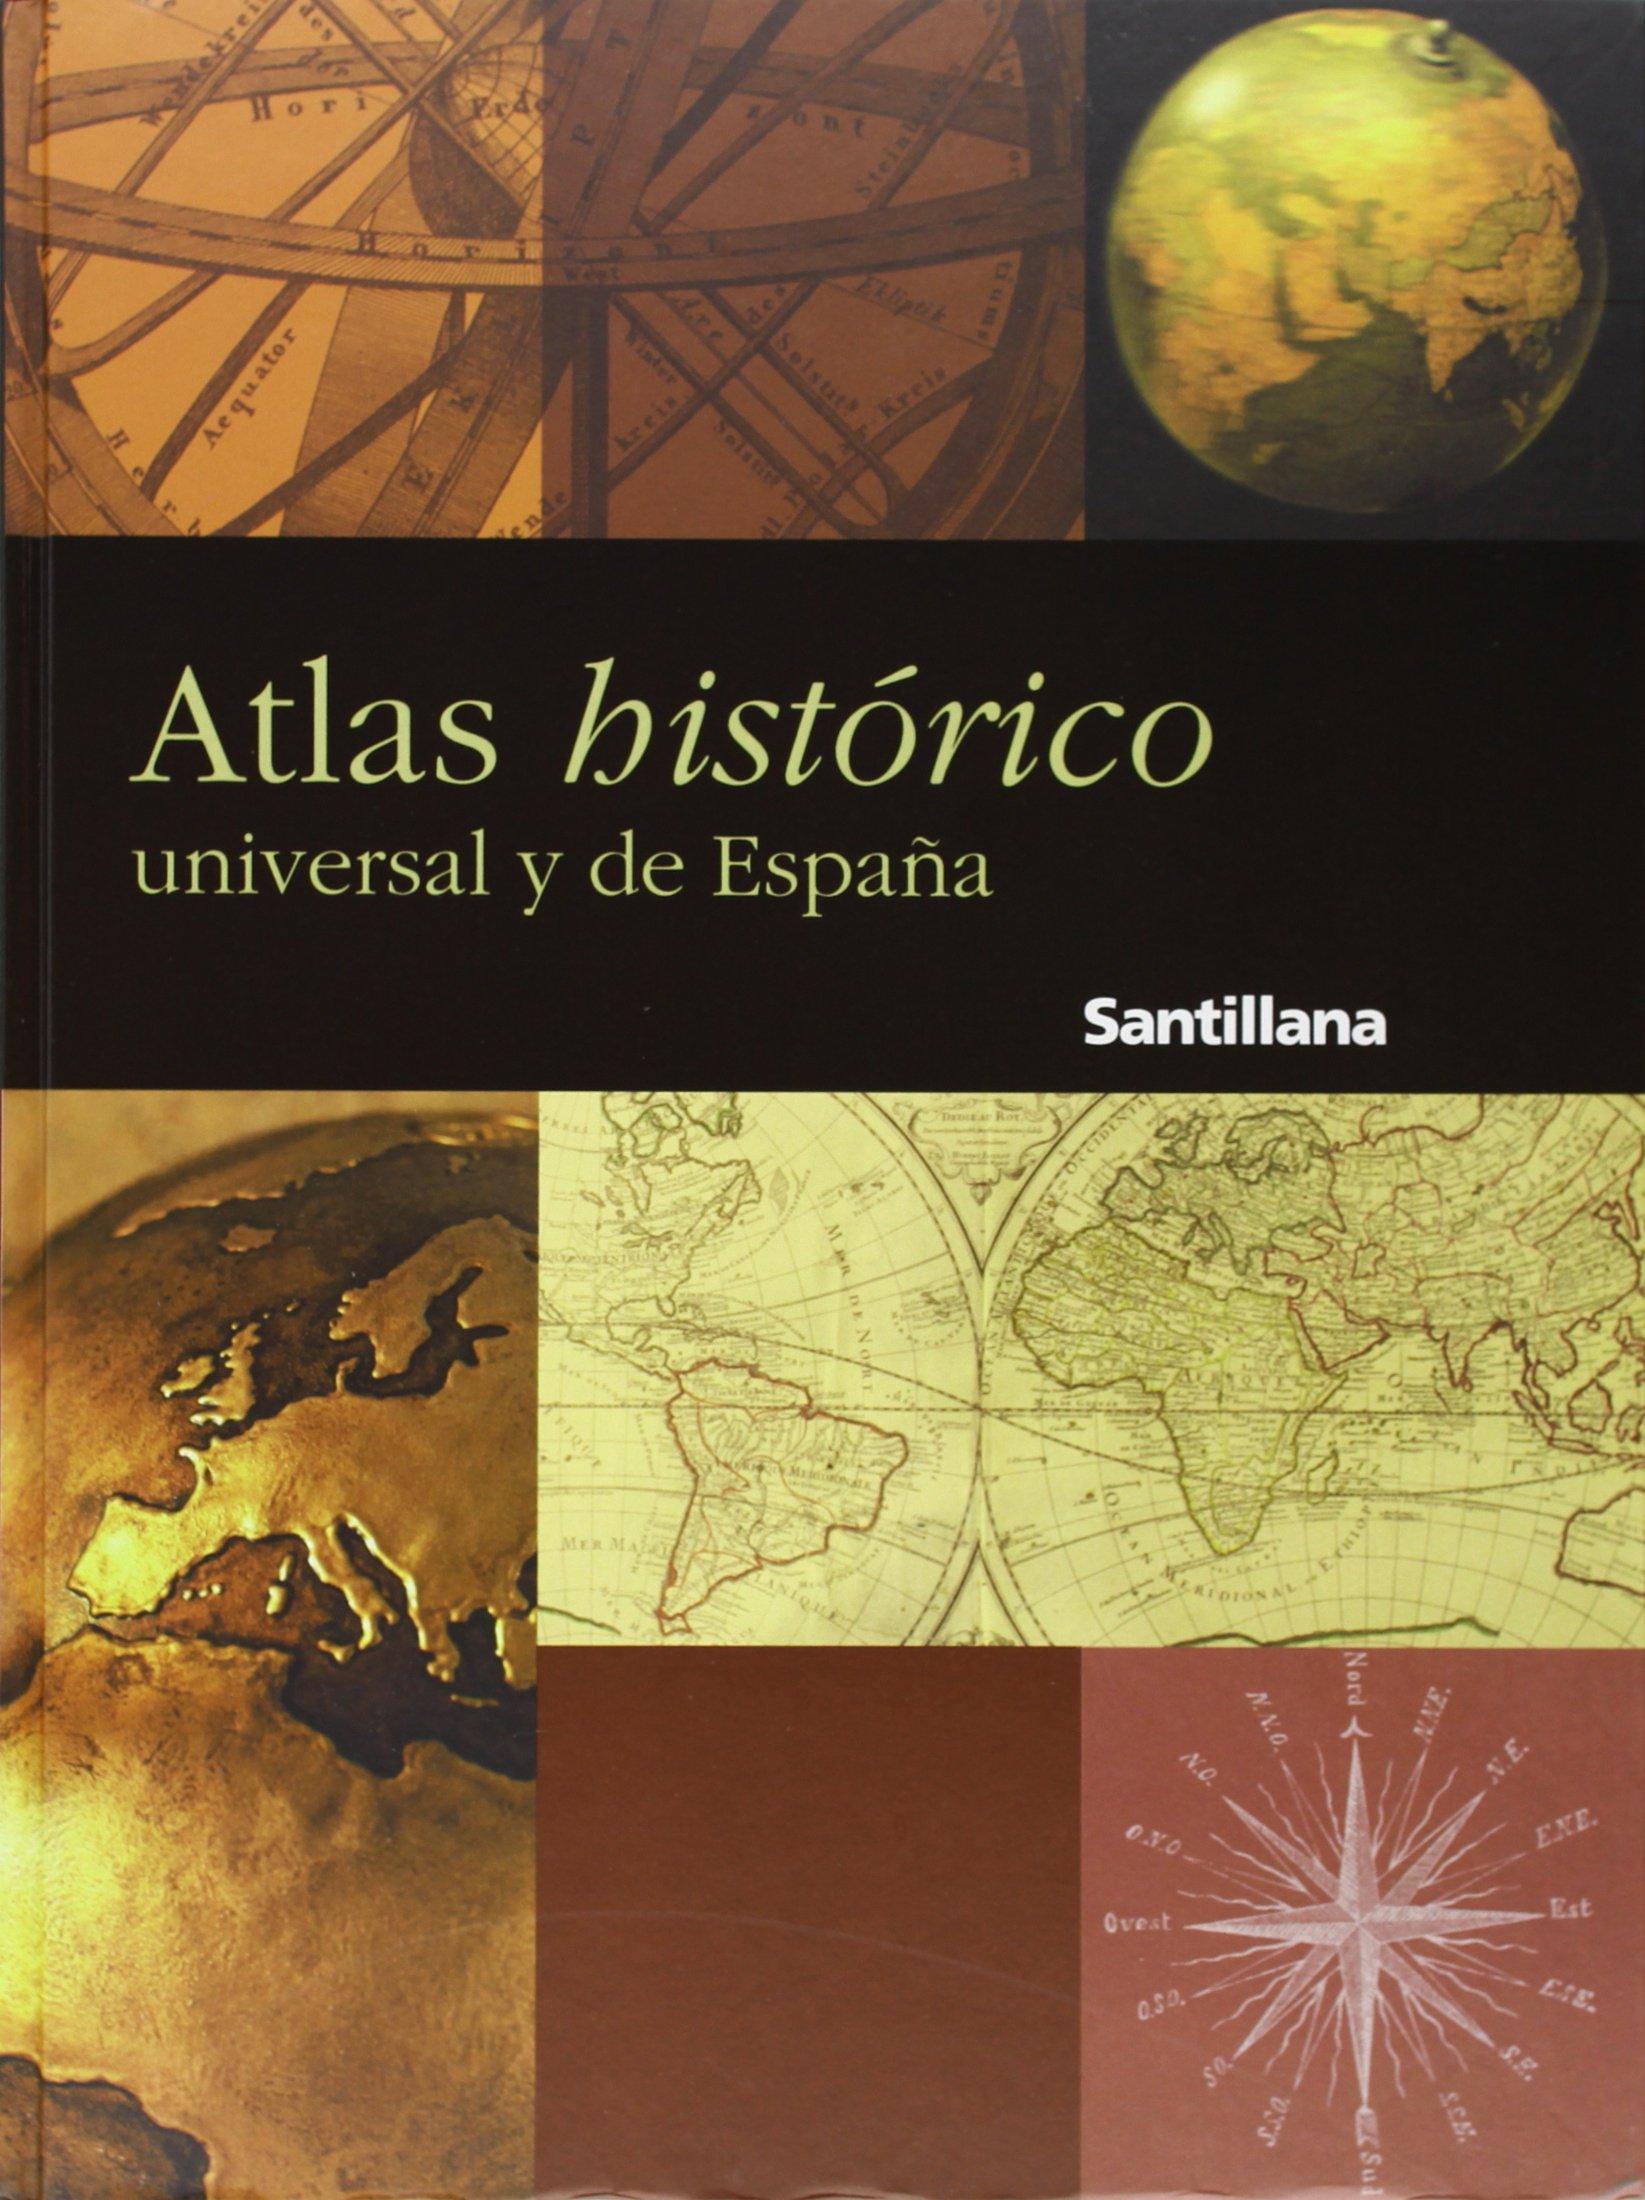 Atlas histórico universal y de España Santillana: Amazon.es: Sanchez Cerezo , S.: Libros